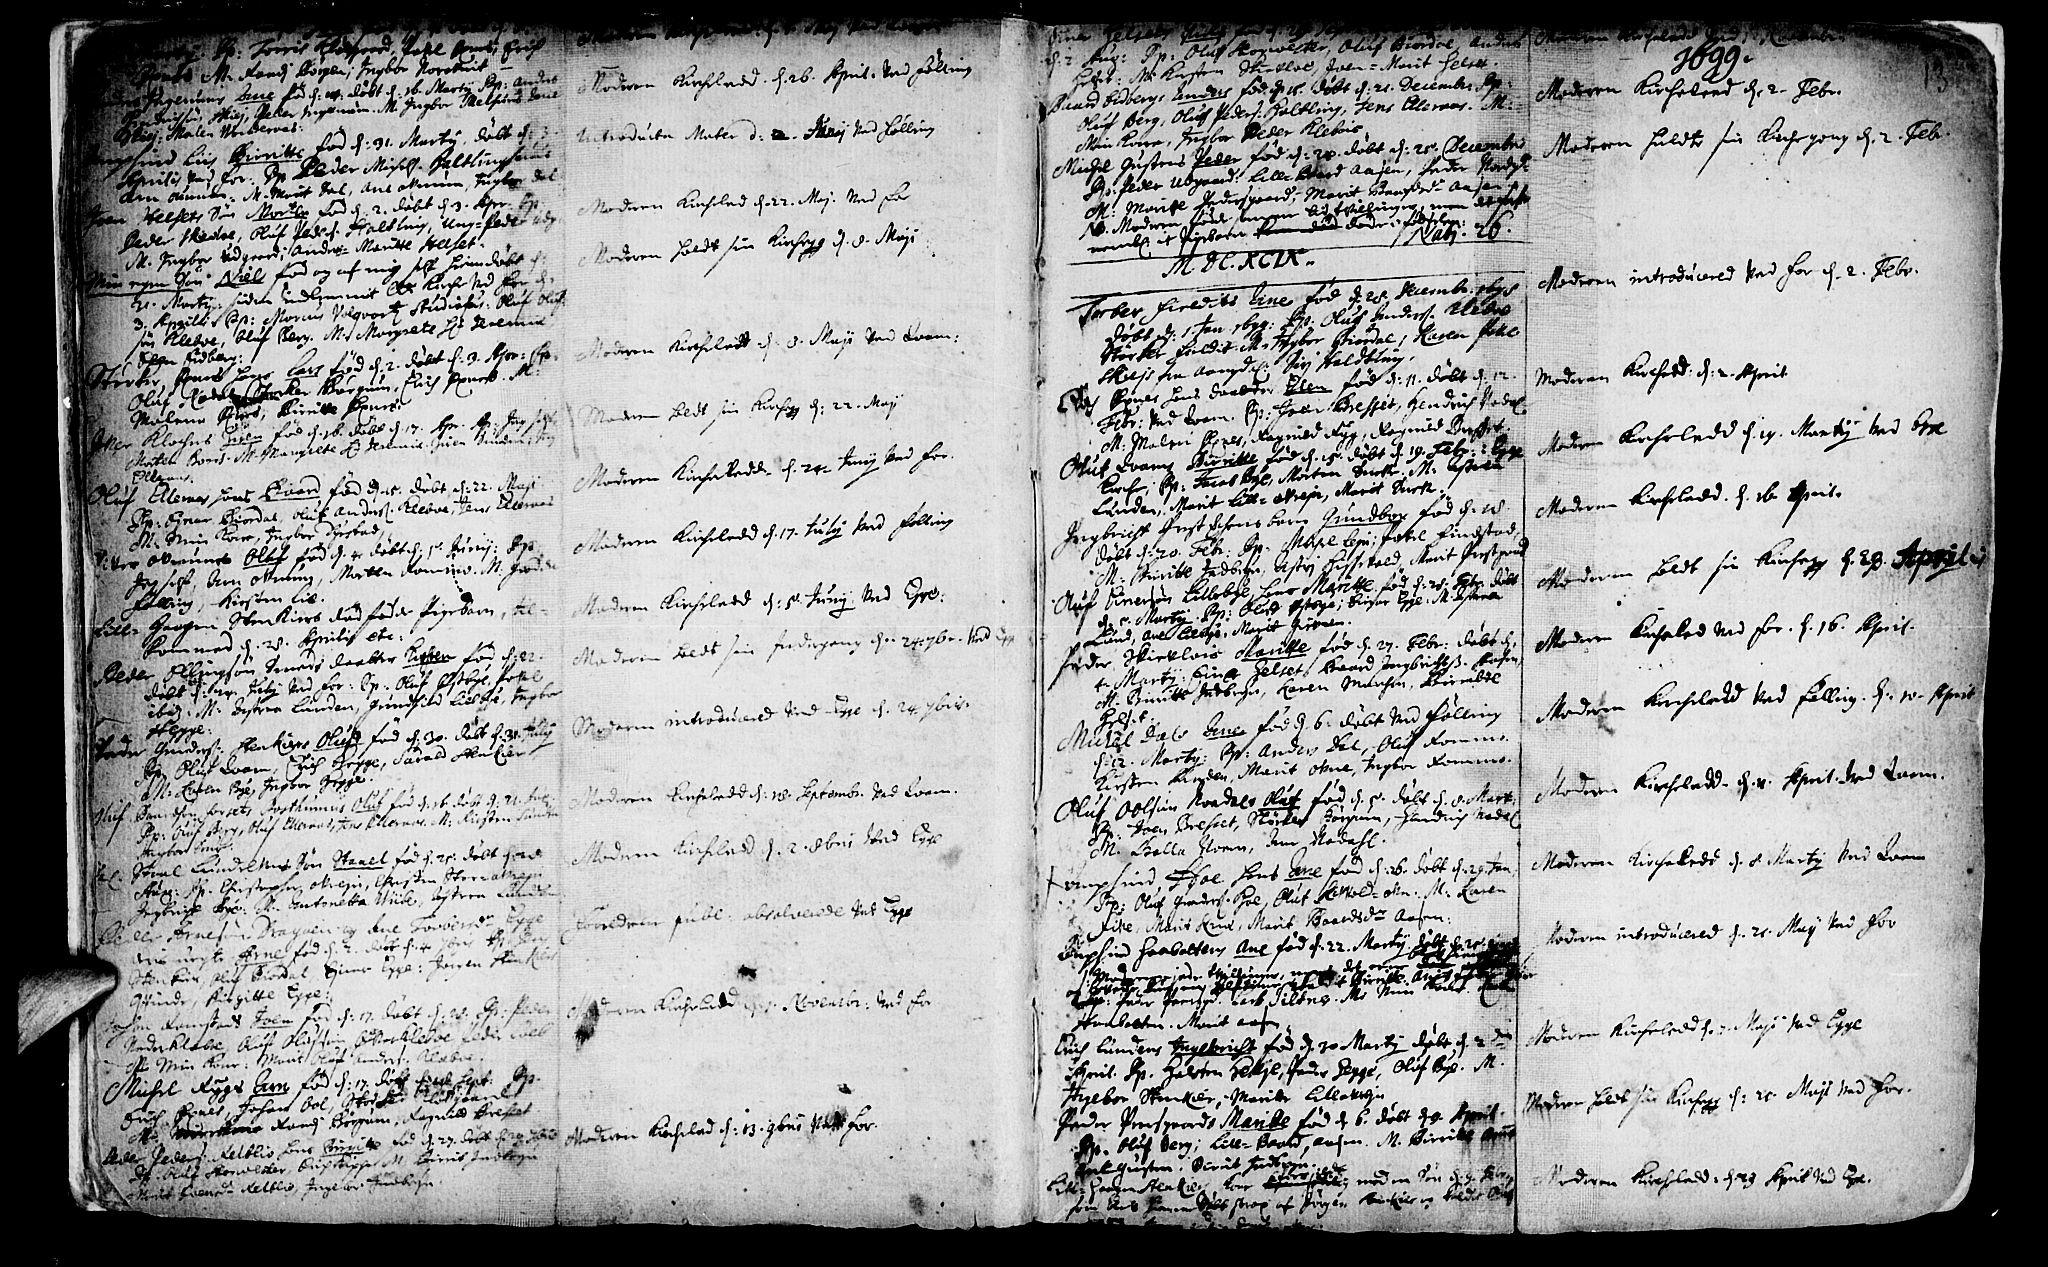 SAT, Ministerialprotokoller, klokkerbøker og fødselsregistre - Nord-Trøndelag, 746/L0439: Ministerialbok nr. 746A01, 1688-1759, s. 13